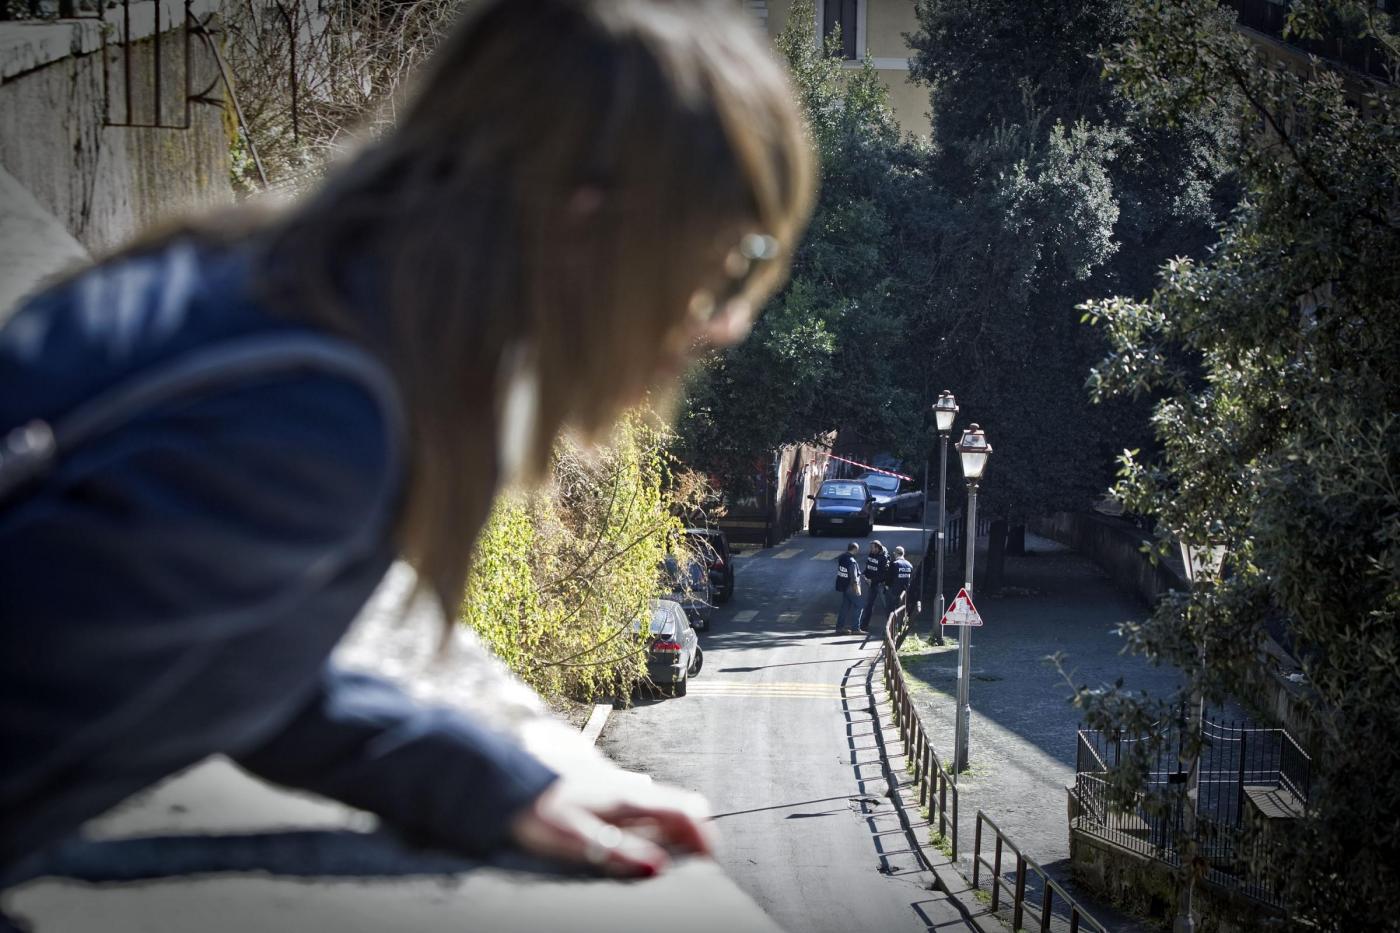 Violenta minorenni usando la figlia della partner come esca e fingendosi psicoterapeuta: italiano arrestato, orrore a Santo Domingo